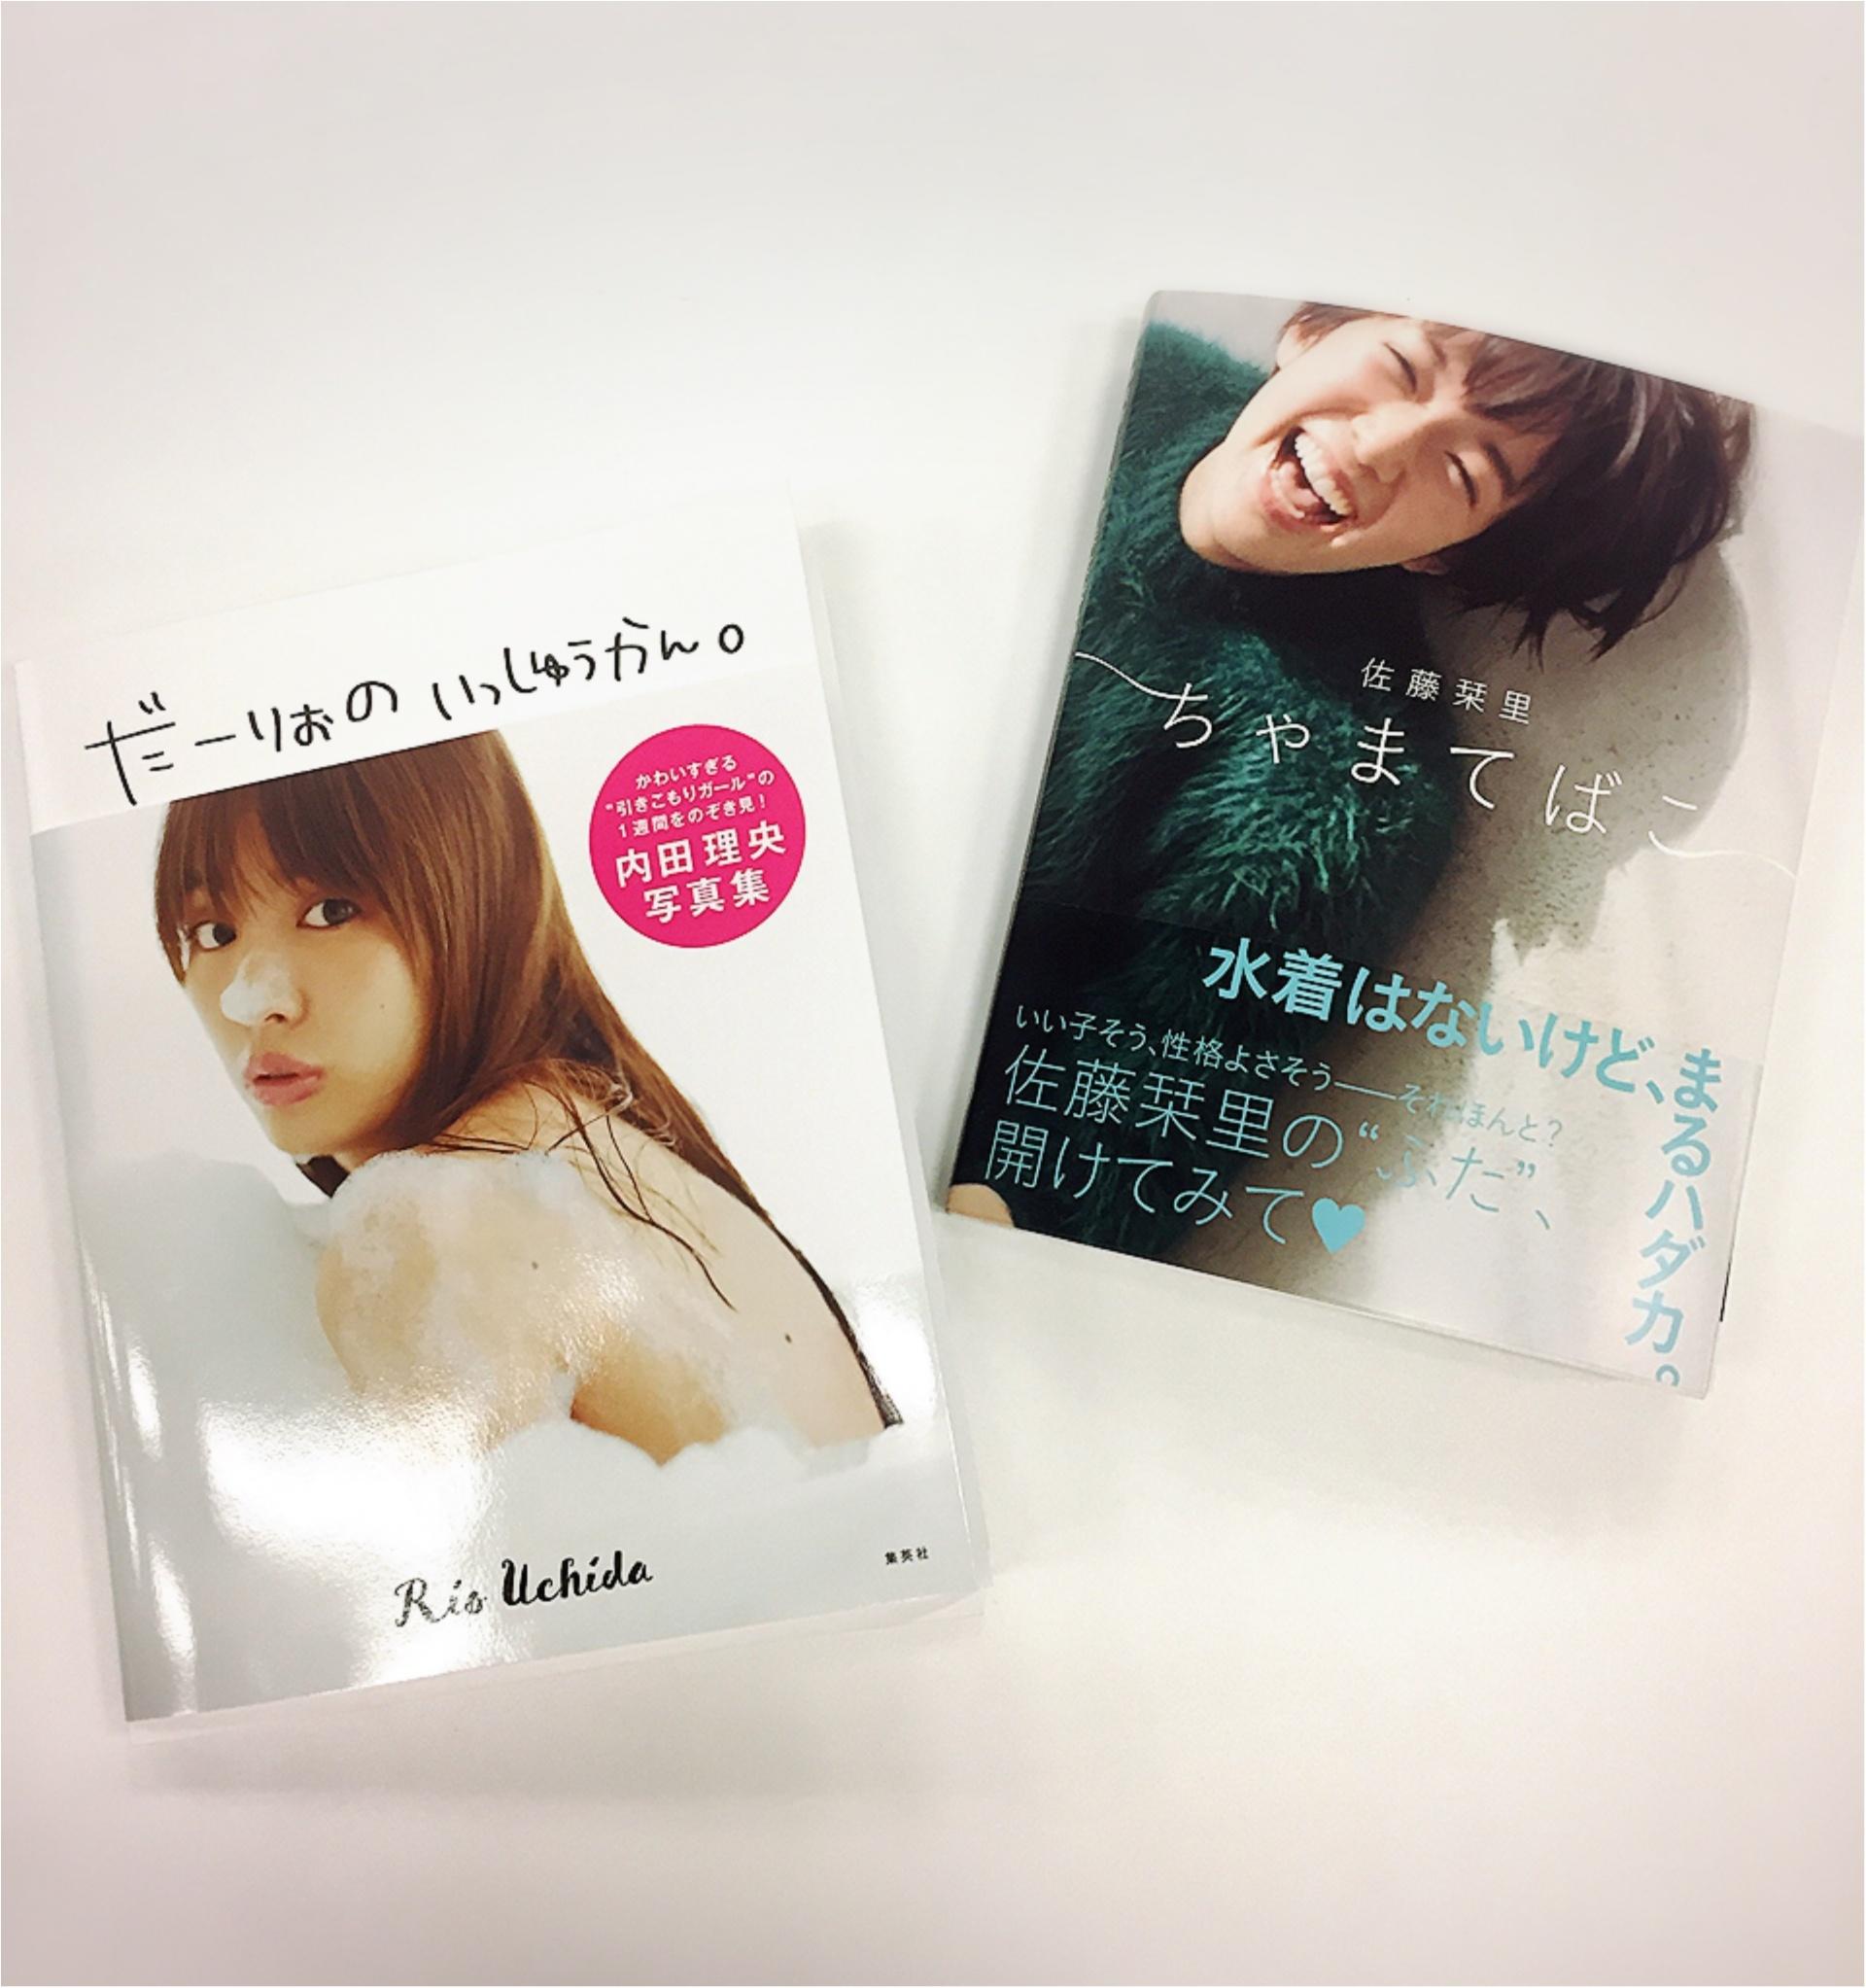 年末年始、本を買うならこの2冊をチェックすべし!_1